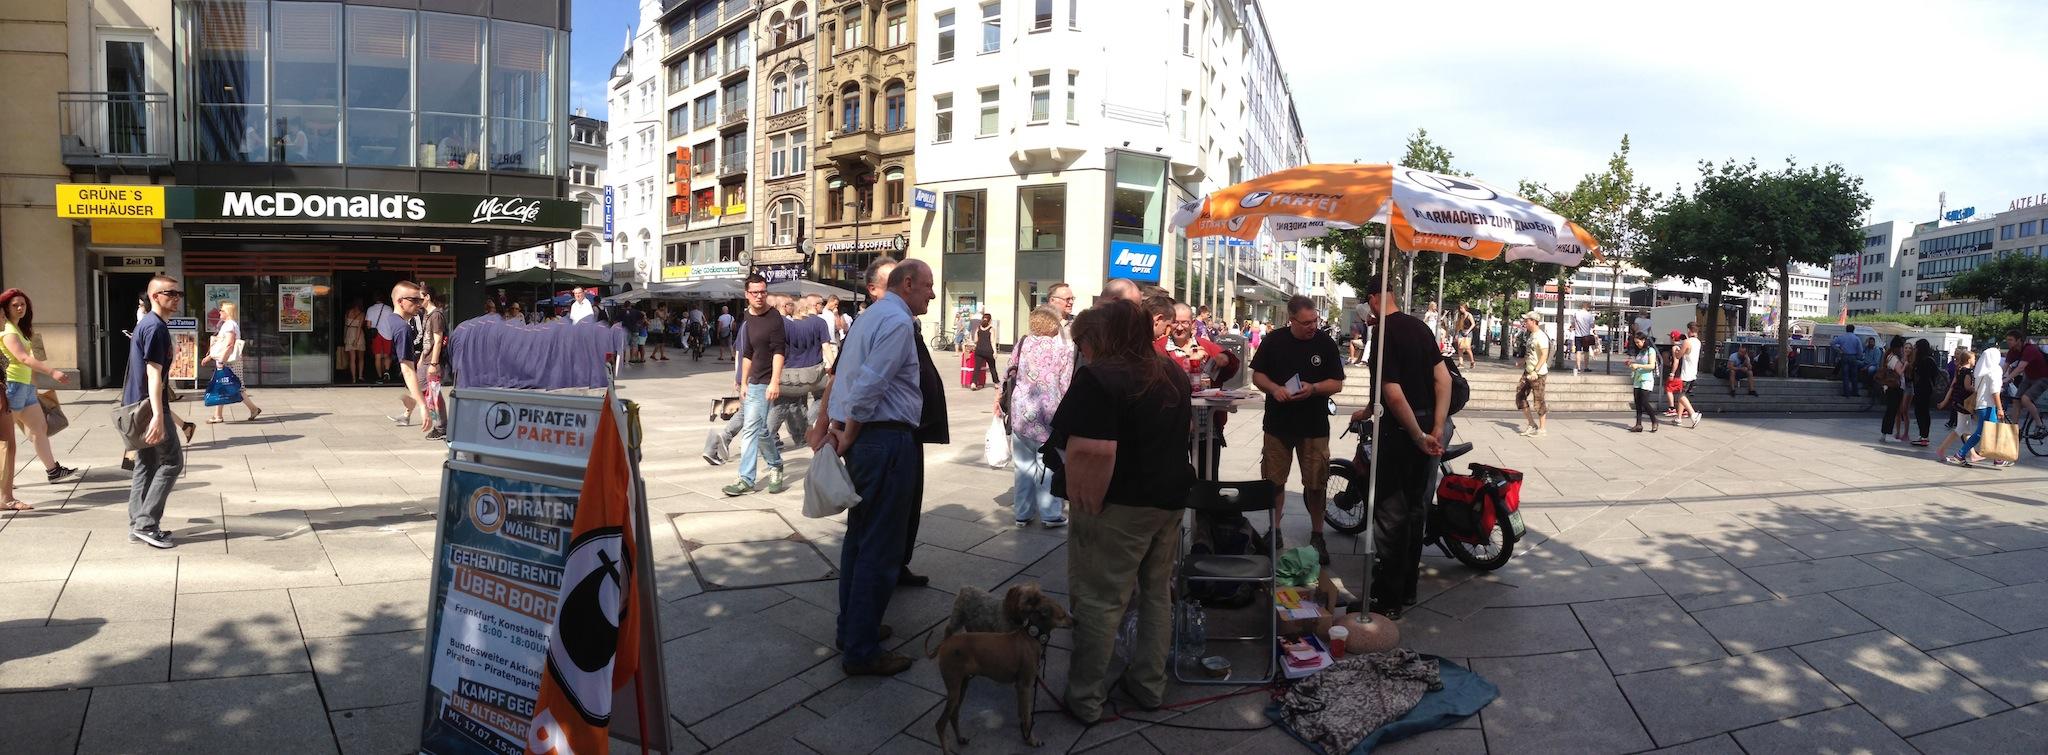 Bericht zum Aktionstag in Frankfurt gegen Altersarmut